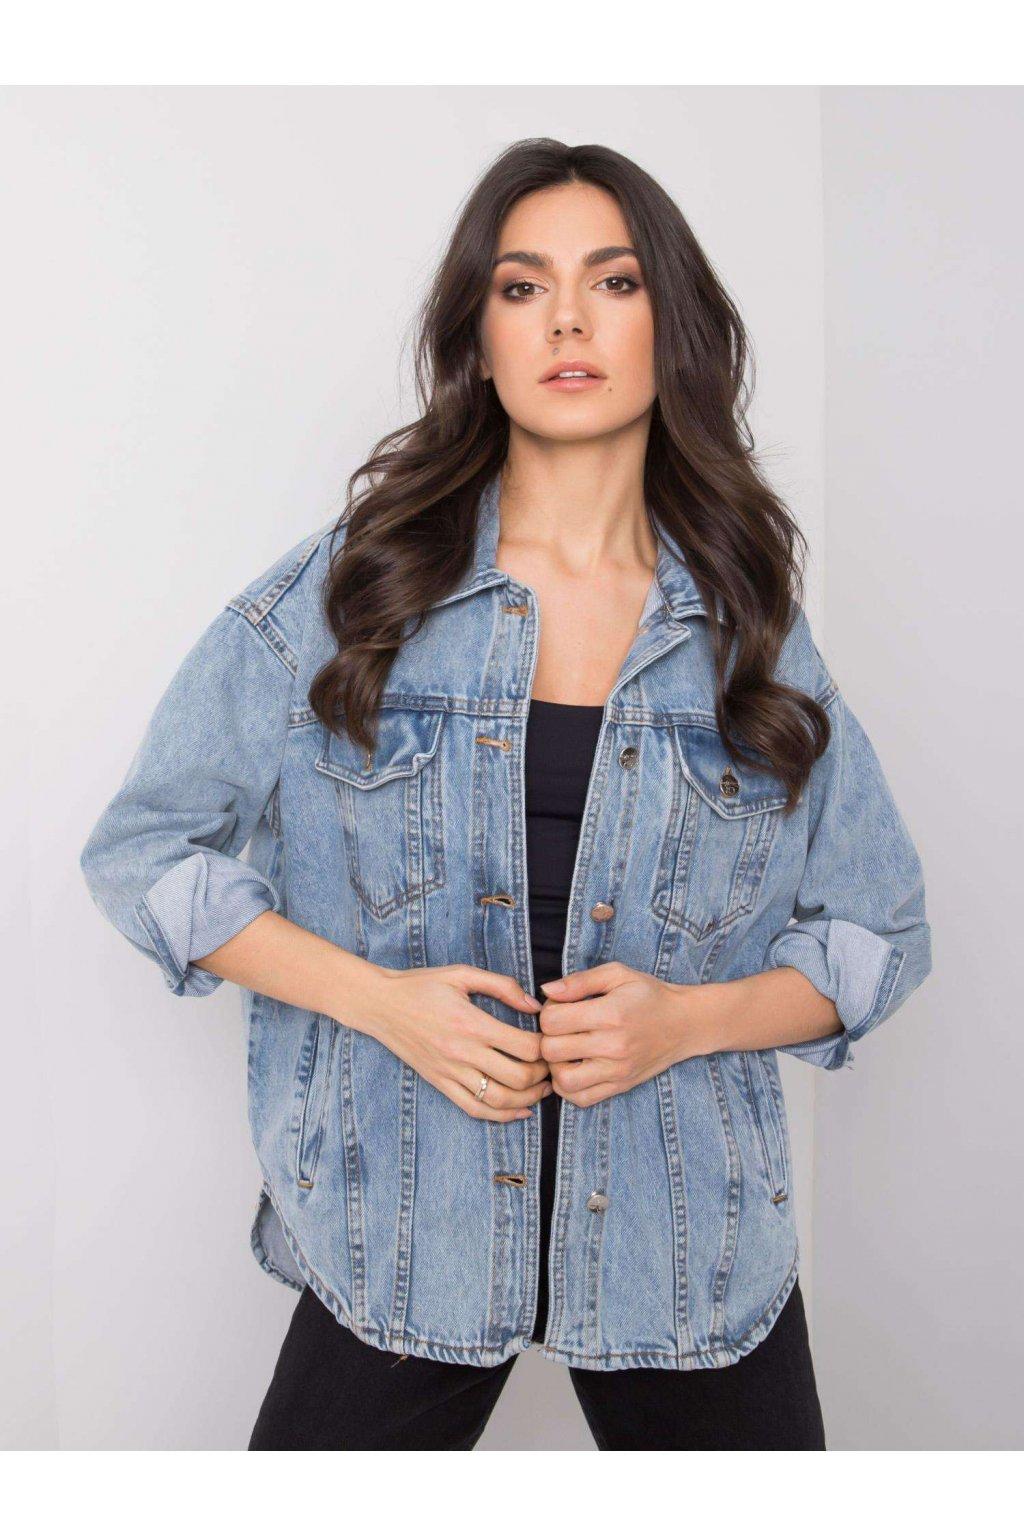 pol pl Niebieska kurtka damska jeansowa Modena 360633 1